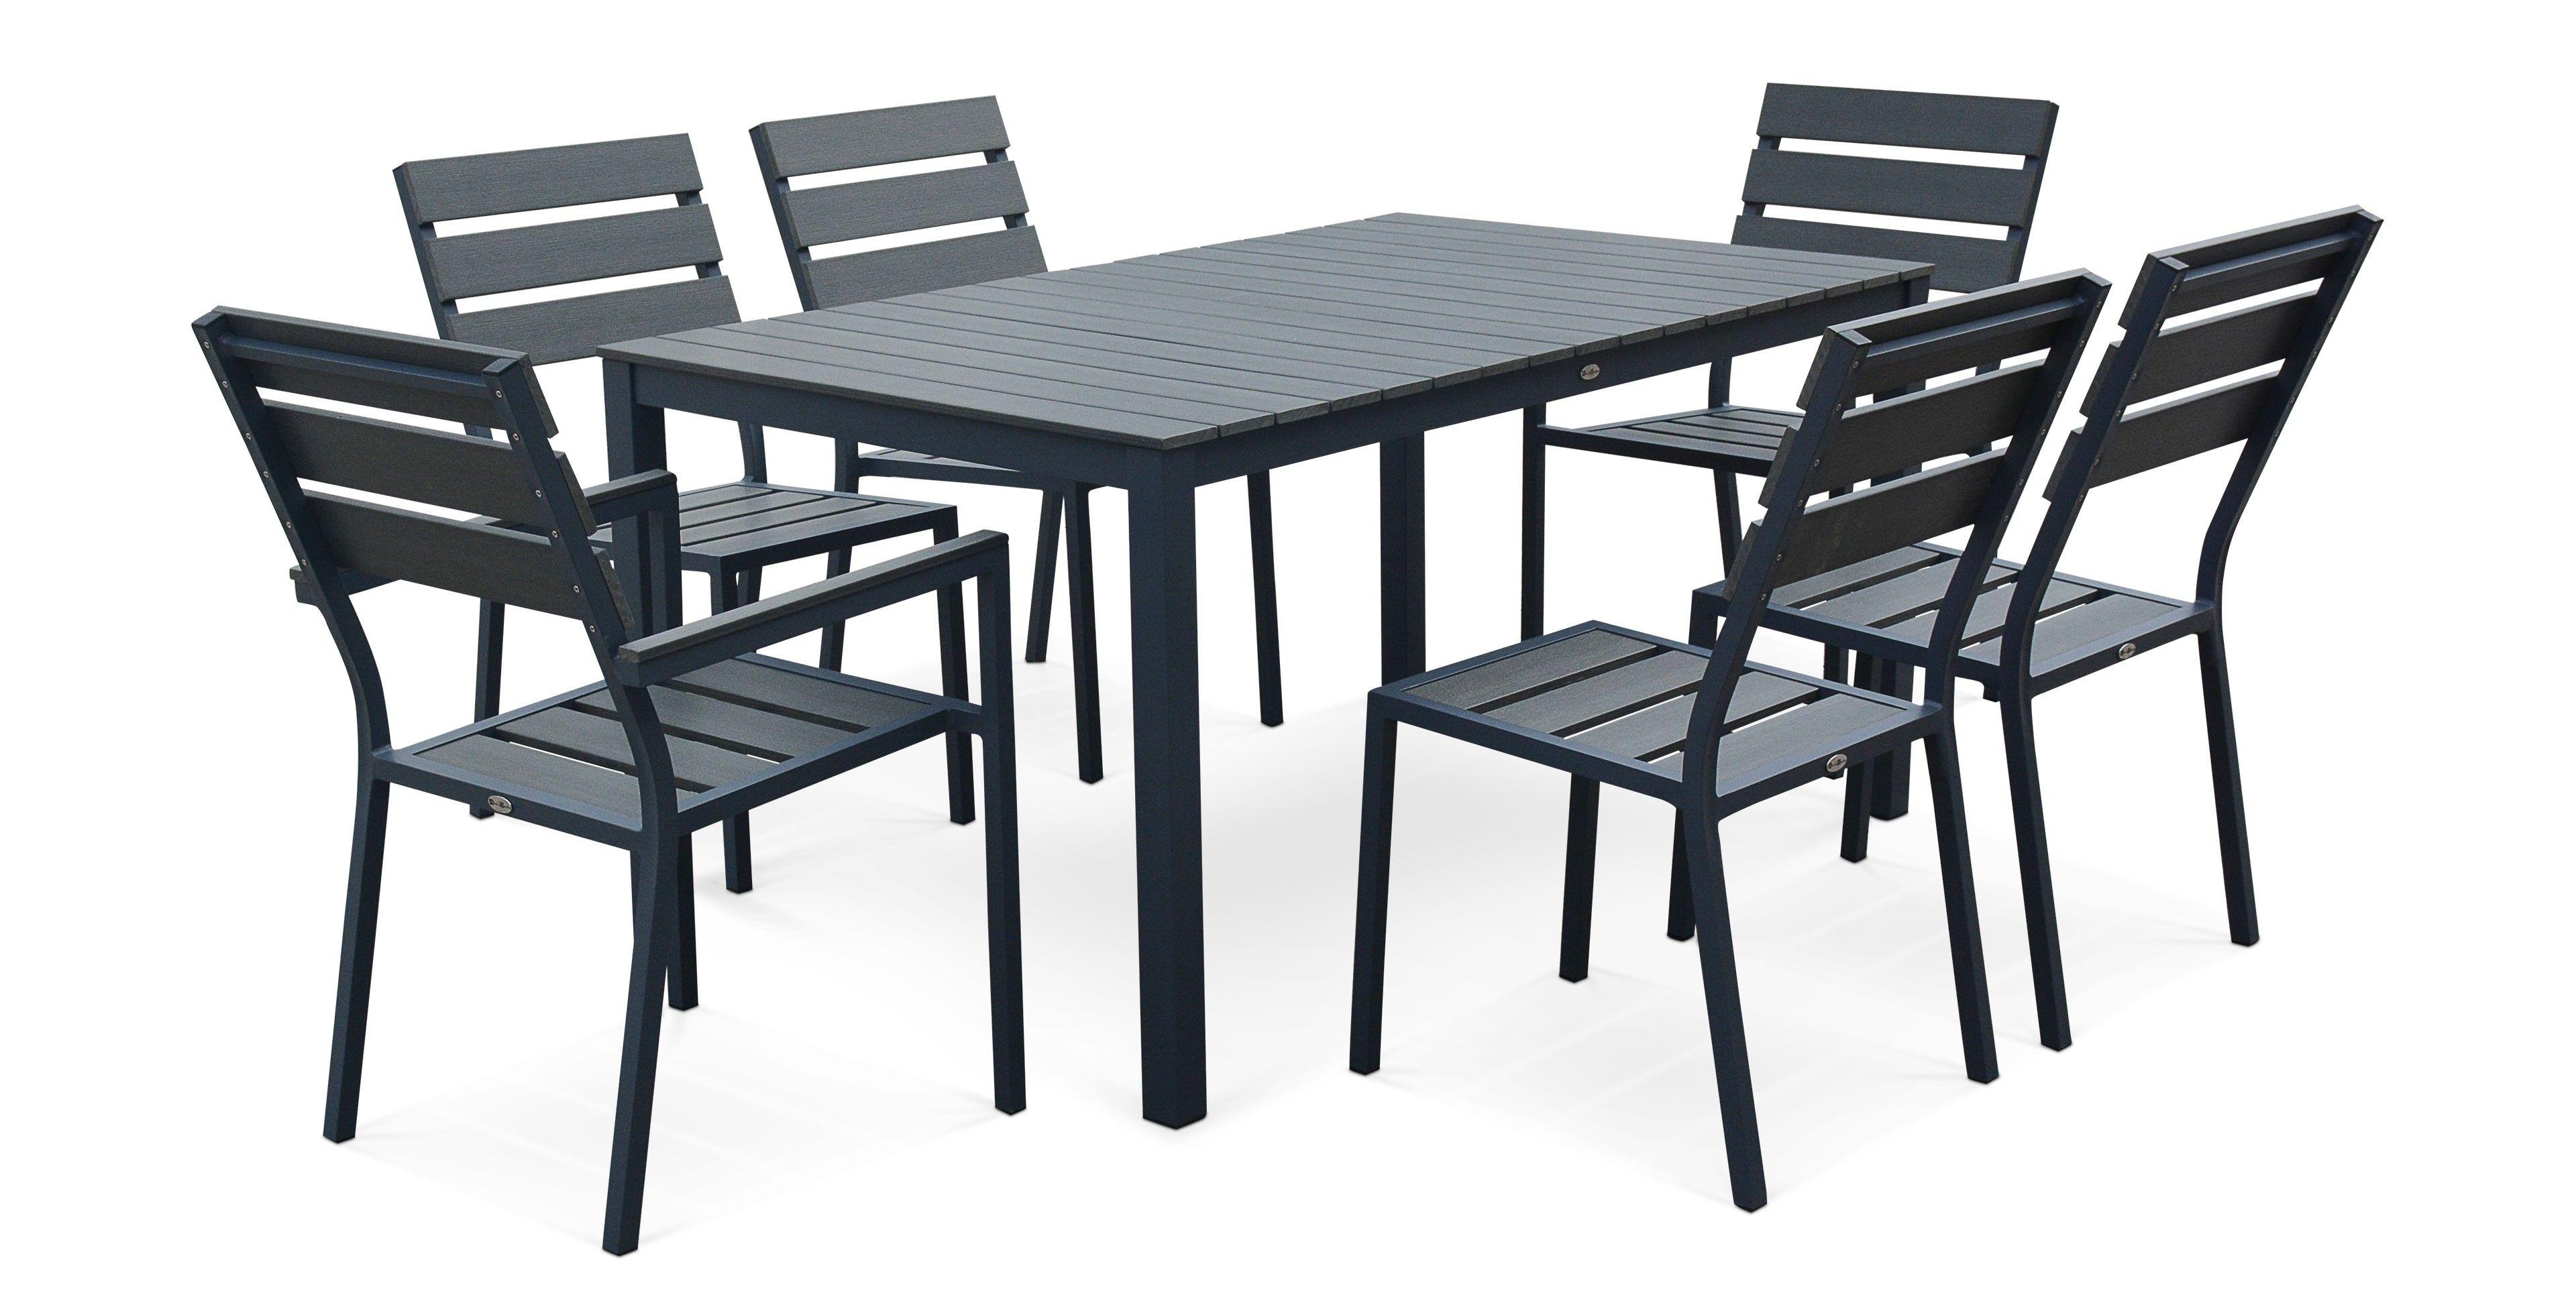 table de jardin en fonte d aluminium | Table salon de jardin